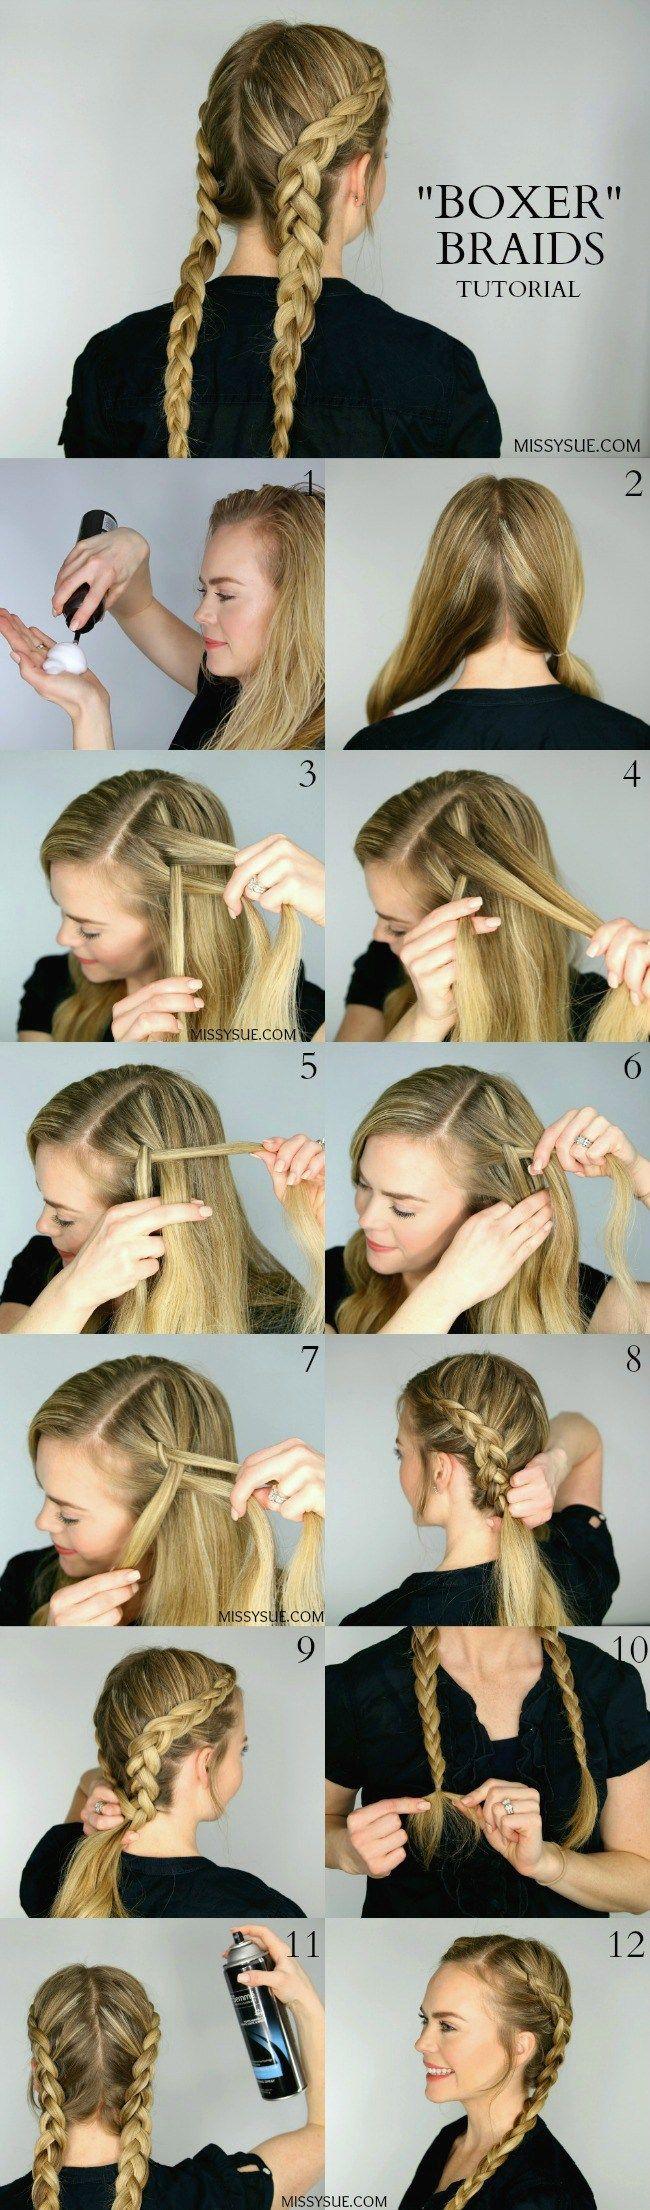 Two dutch braids hair ideas pinterest boxer braids tutorial